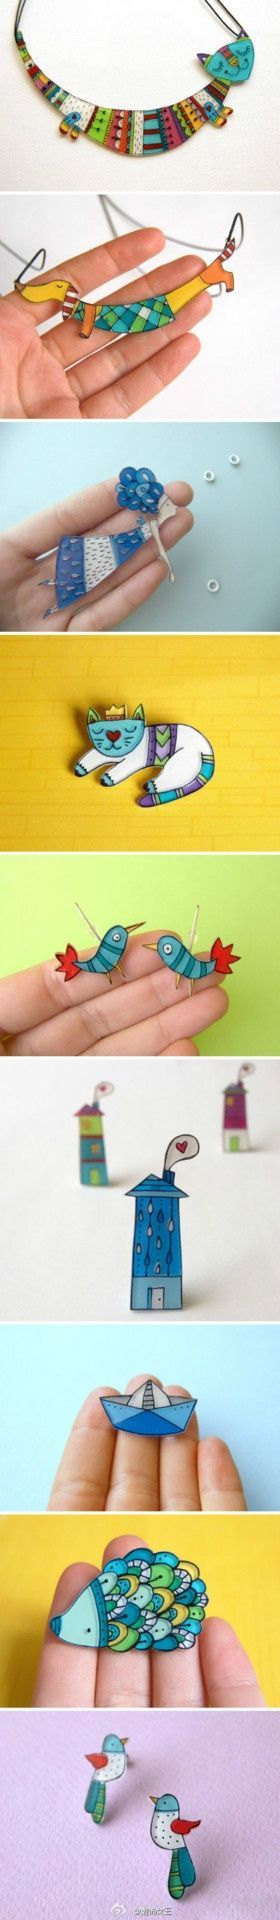 Krimppapier is zowel leuk voor kinderen als volwassenen! Kijk maar naar deze voorbeeldjes!